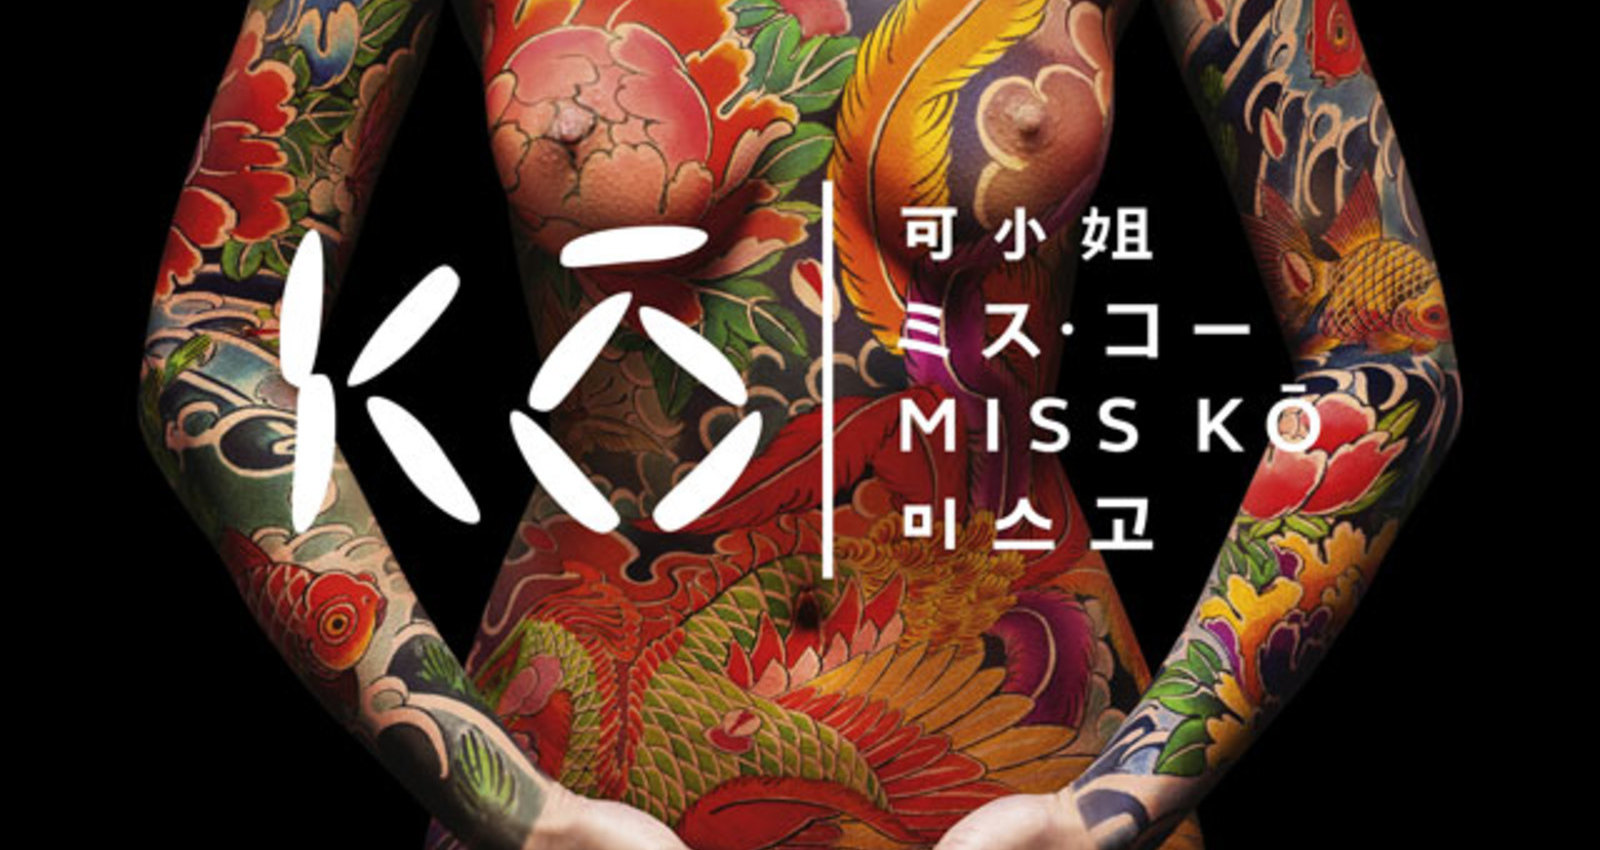 Miss Ko